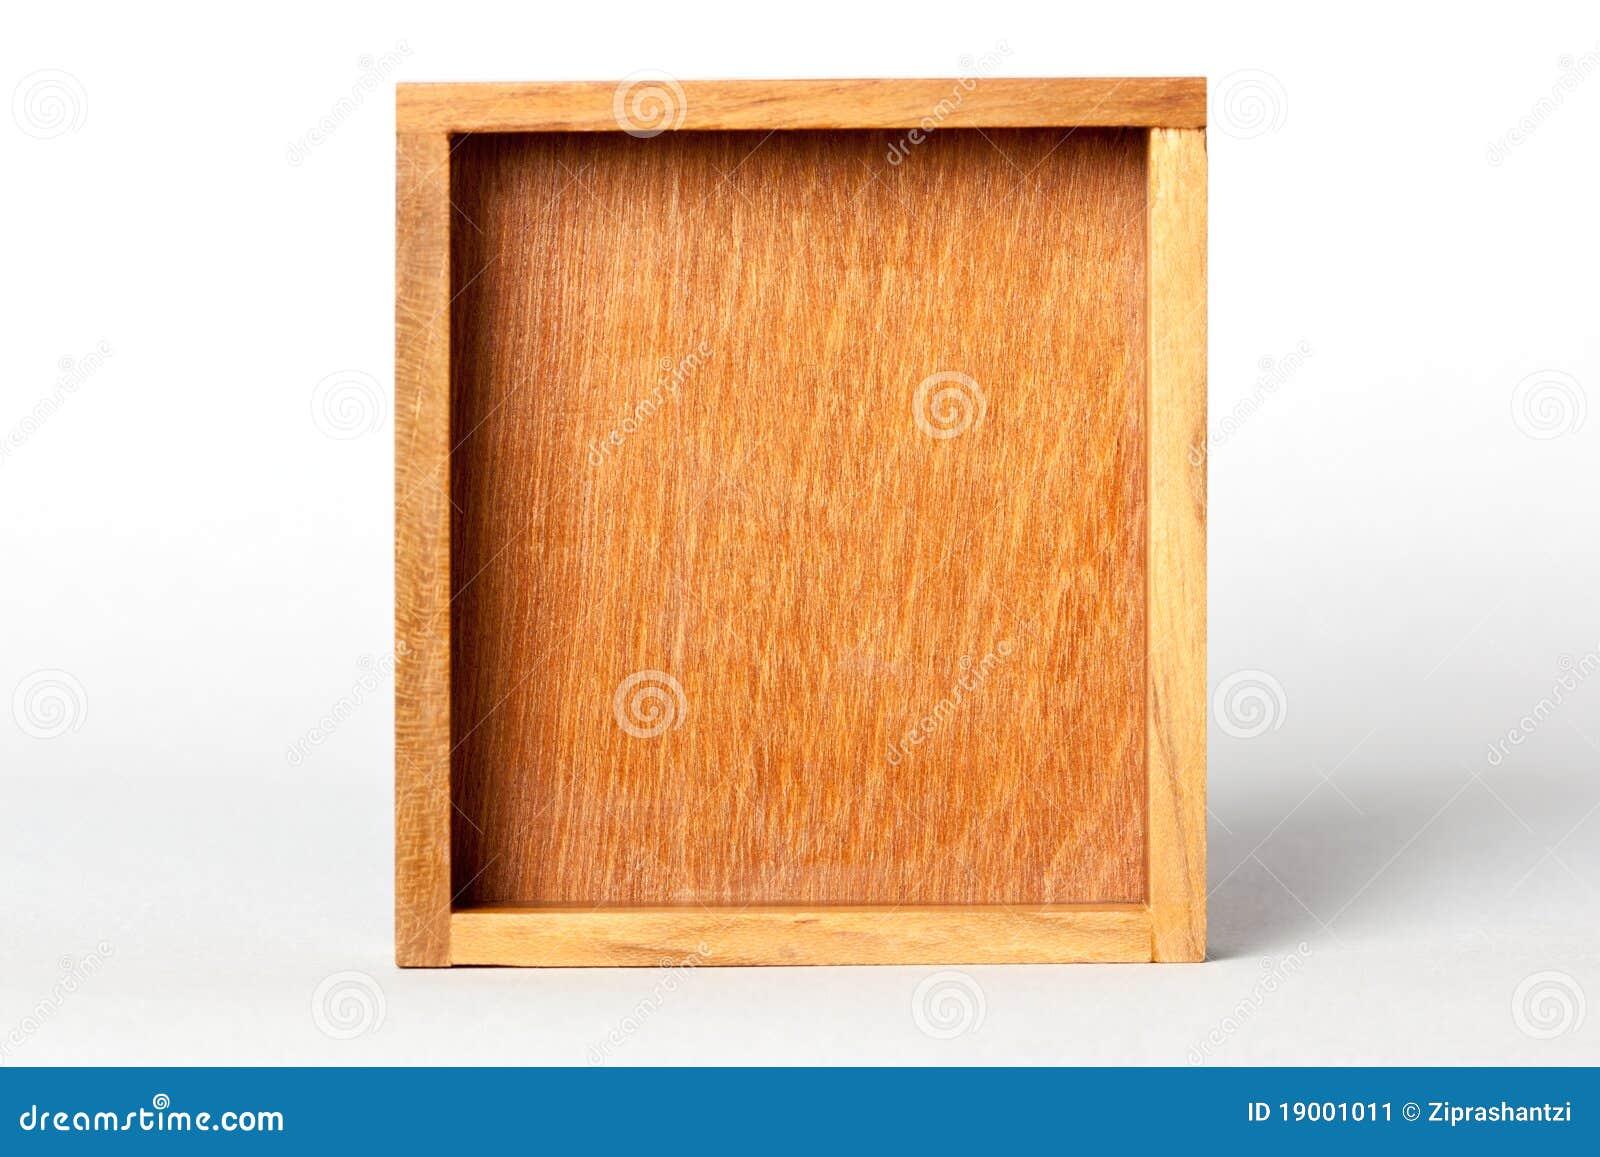 cadre en bois carré jaune image stock. image du wooden - 19001011